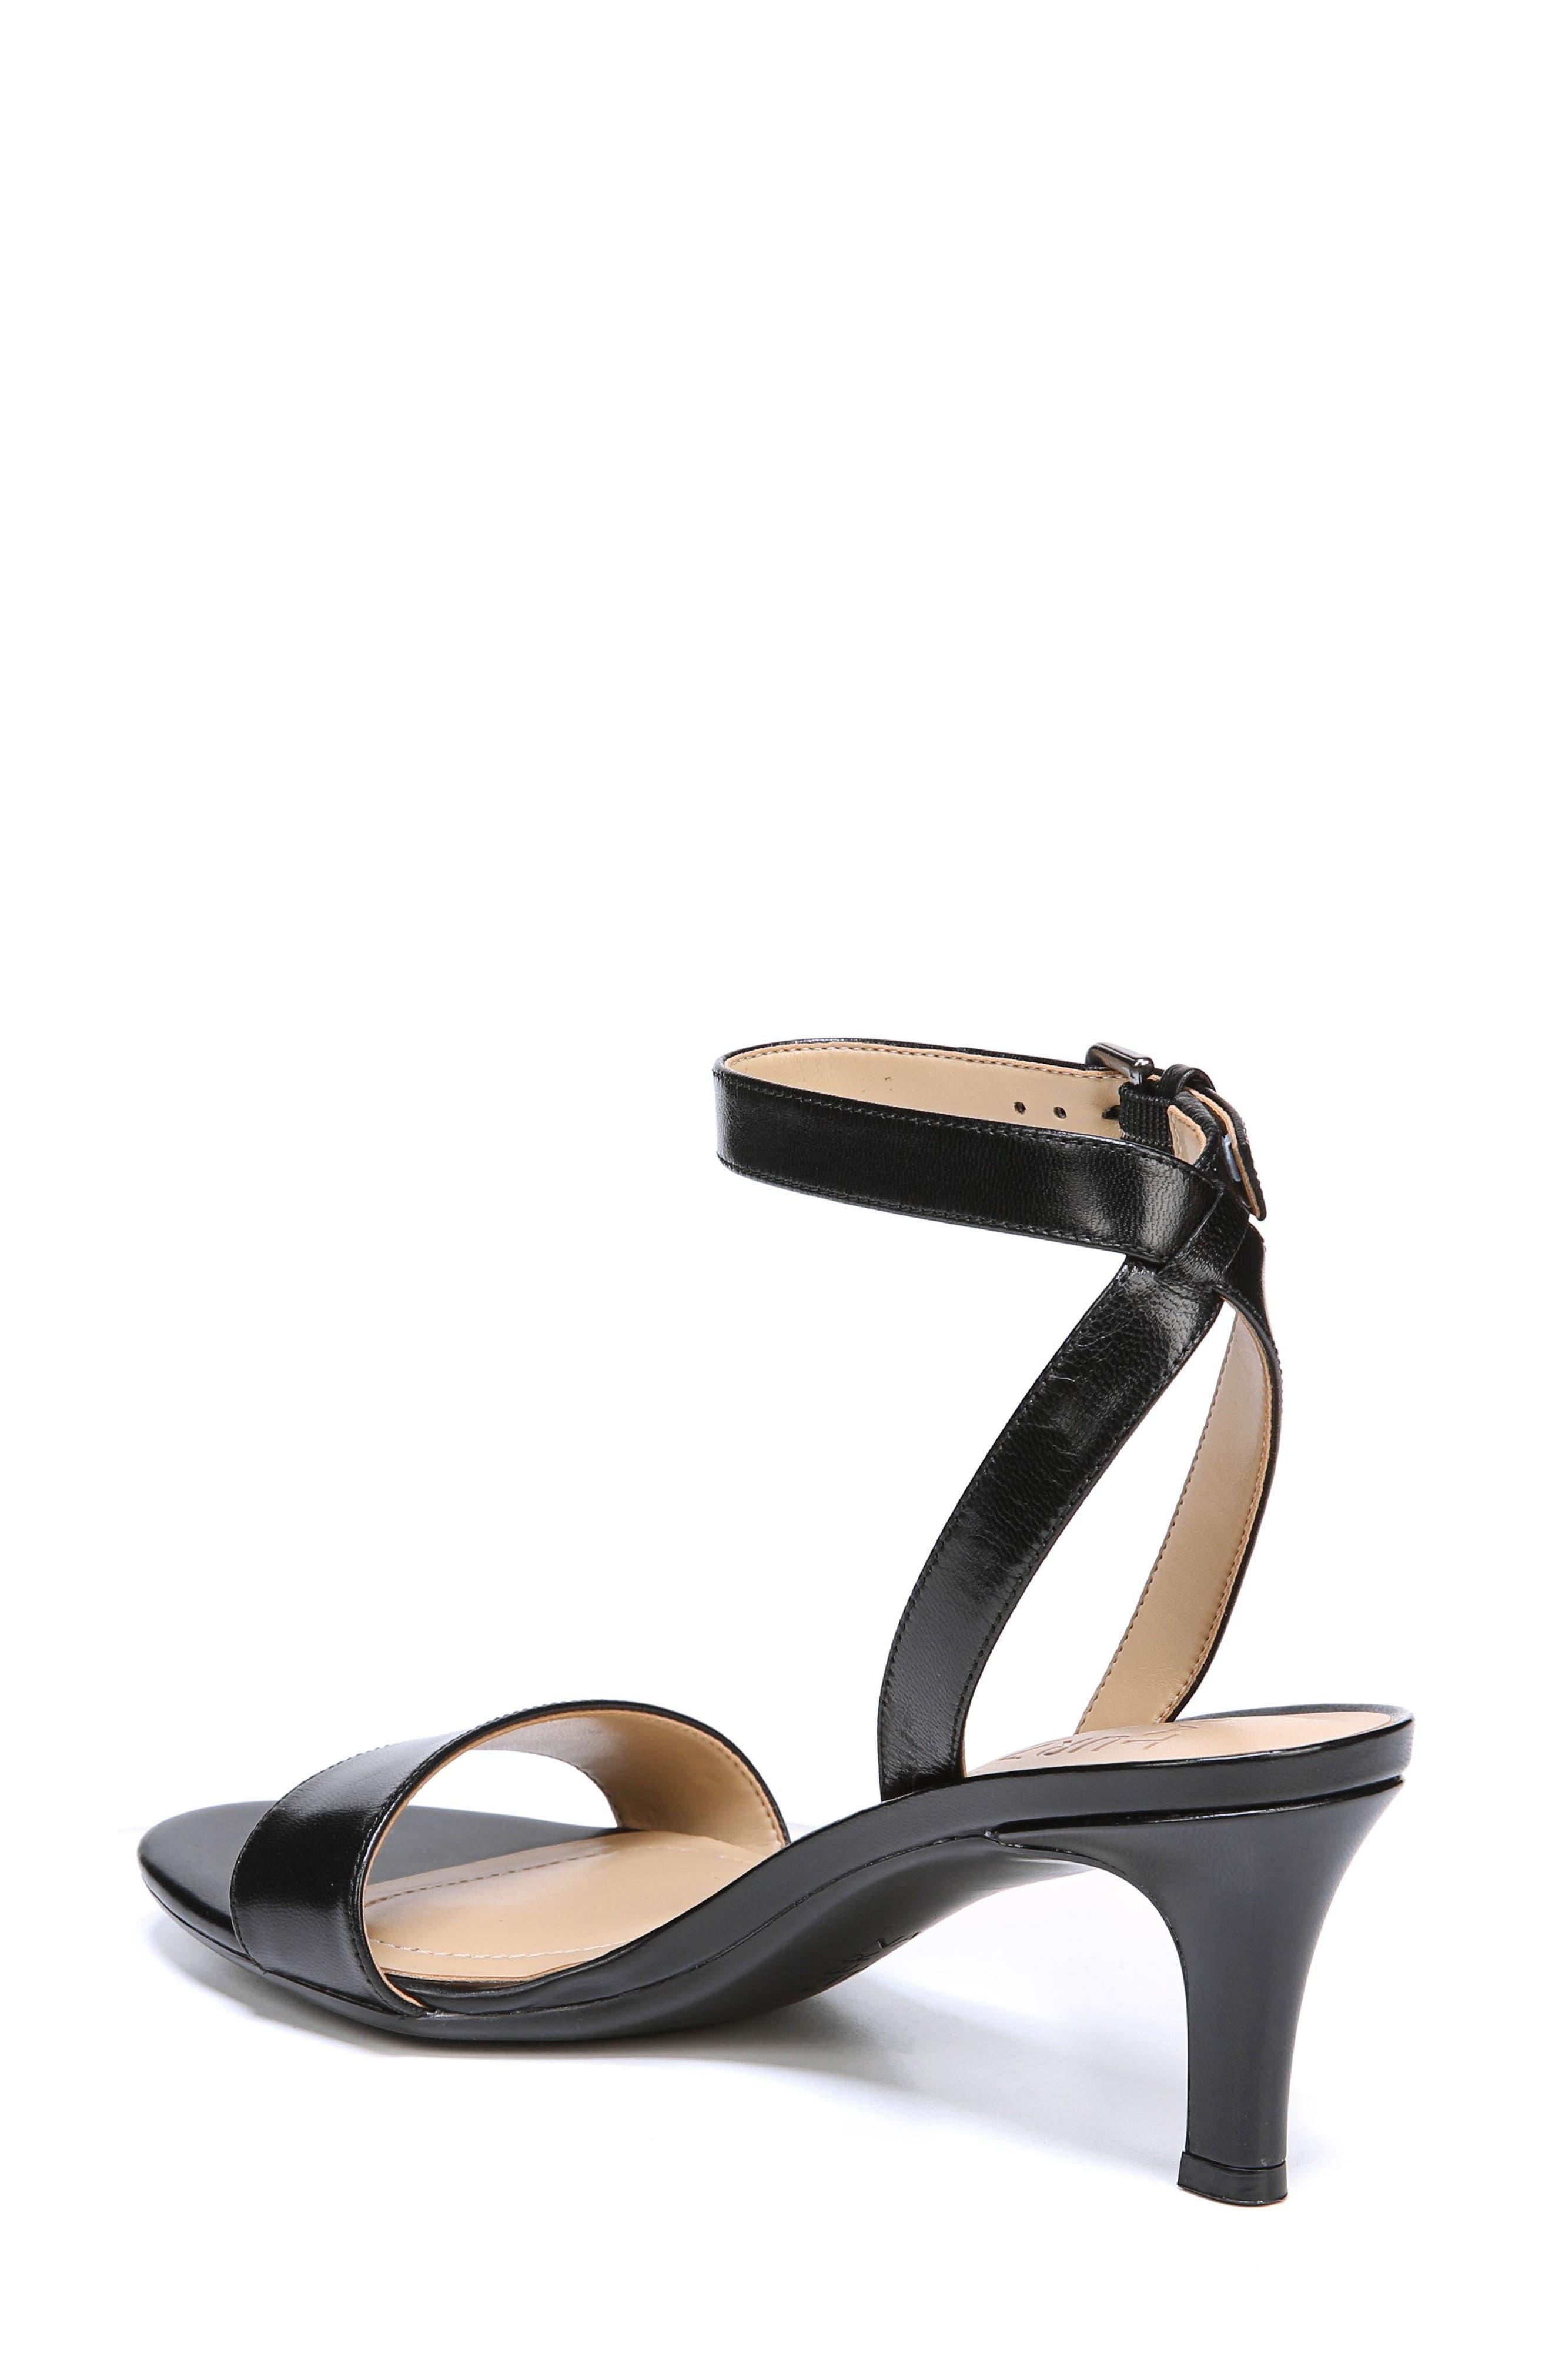 Tinda Sandal,                             Alternate thumbnail 2, color,                             Black Leather